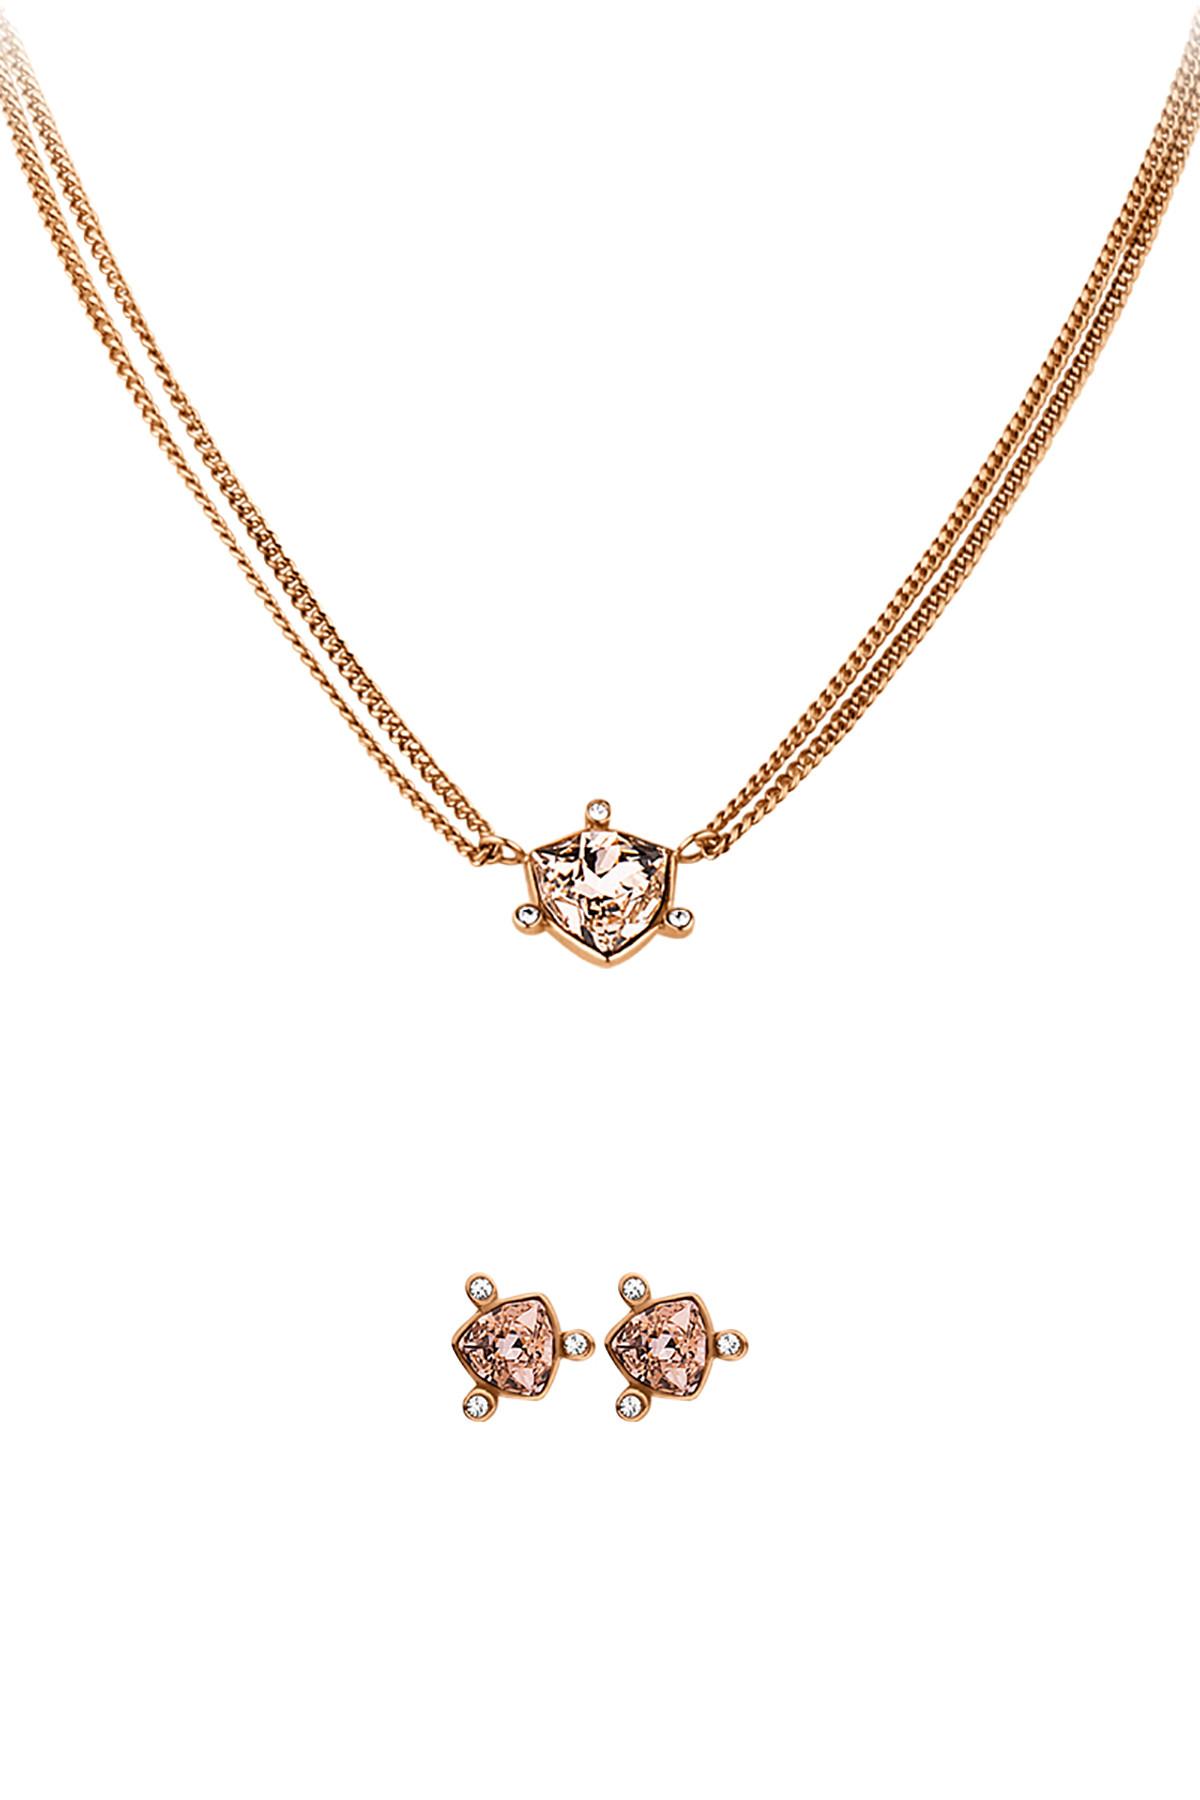 Image of   DYRBERG/KERN ESTELIA + PAVILIA TF 10353 (Rose Gold, ONESIZE)